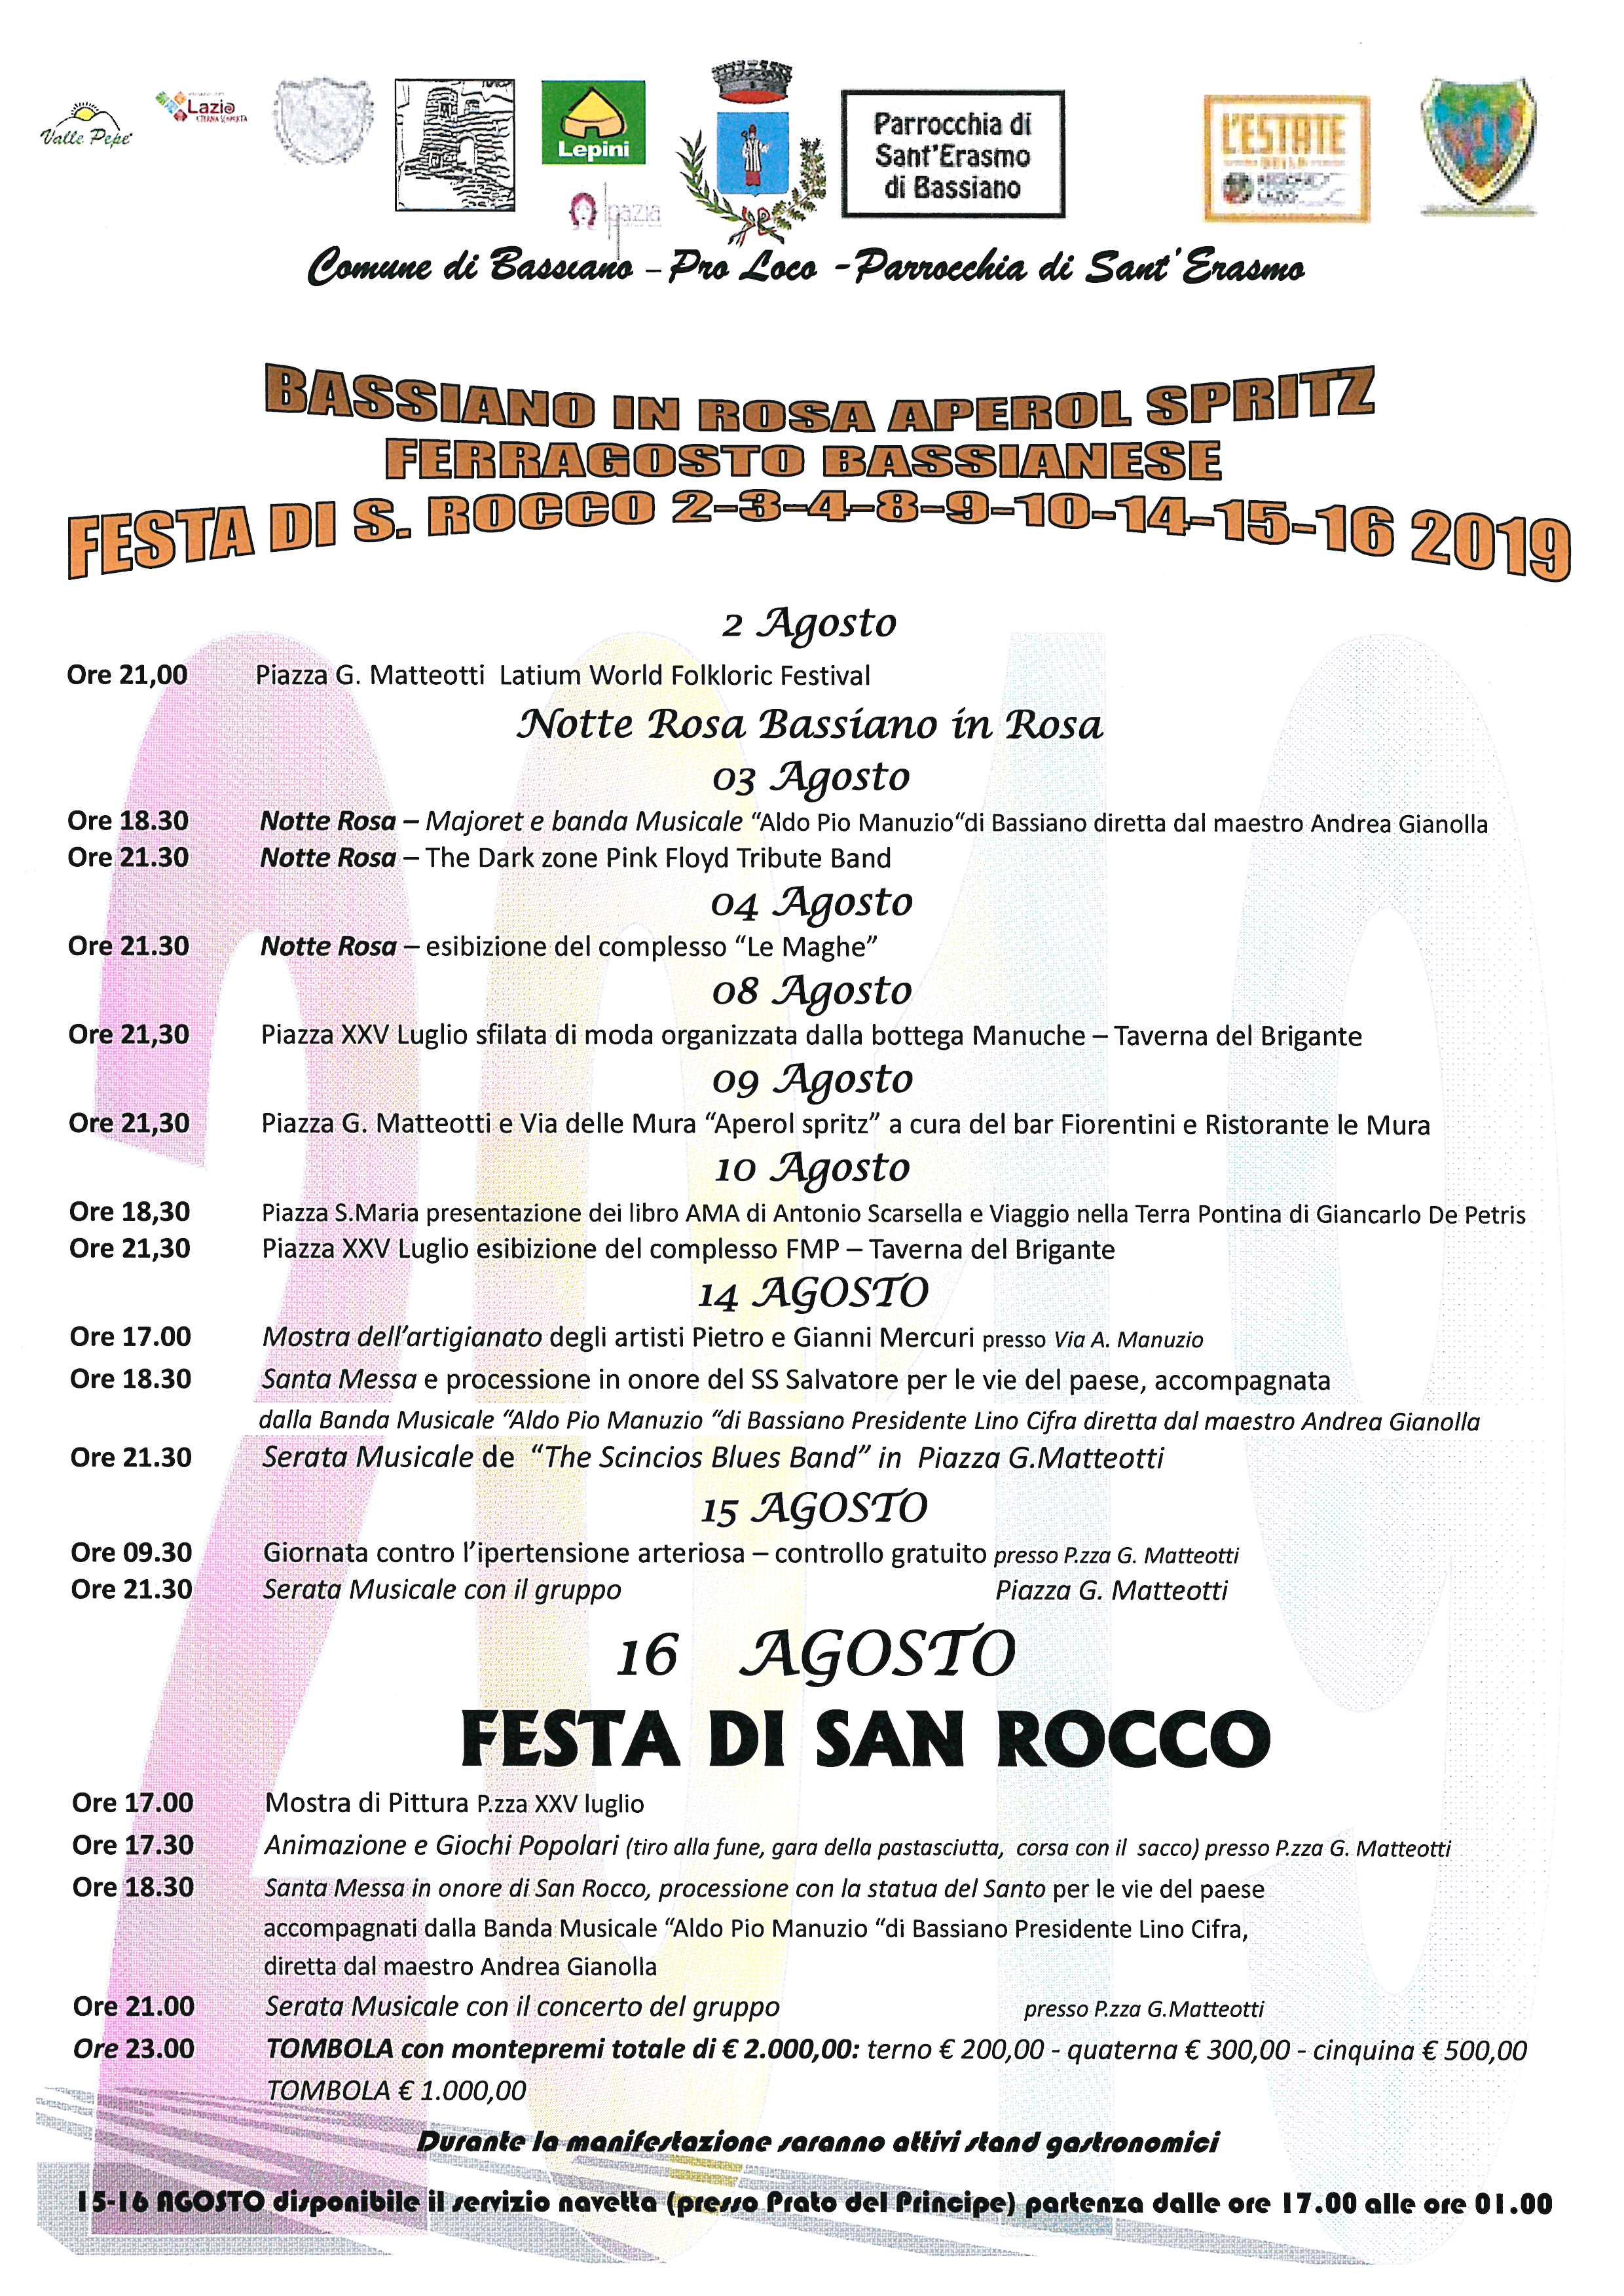 BASSIANO IN ROSA, APEROL SPRITZ, FERRAGOSTO BASSIANESE, FESTA DI SAN ROCCO 2-3-4-8-9-10-14-15-16 2019